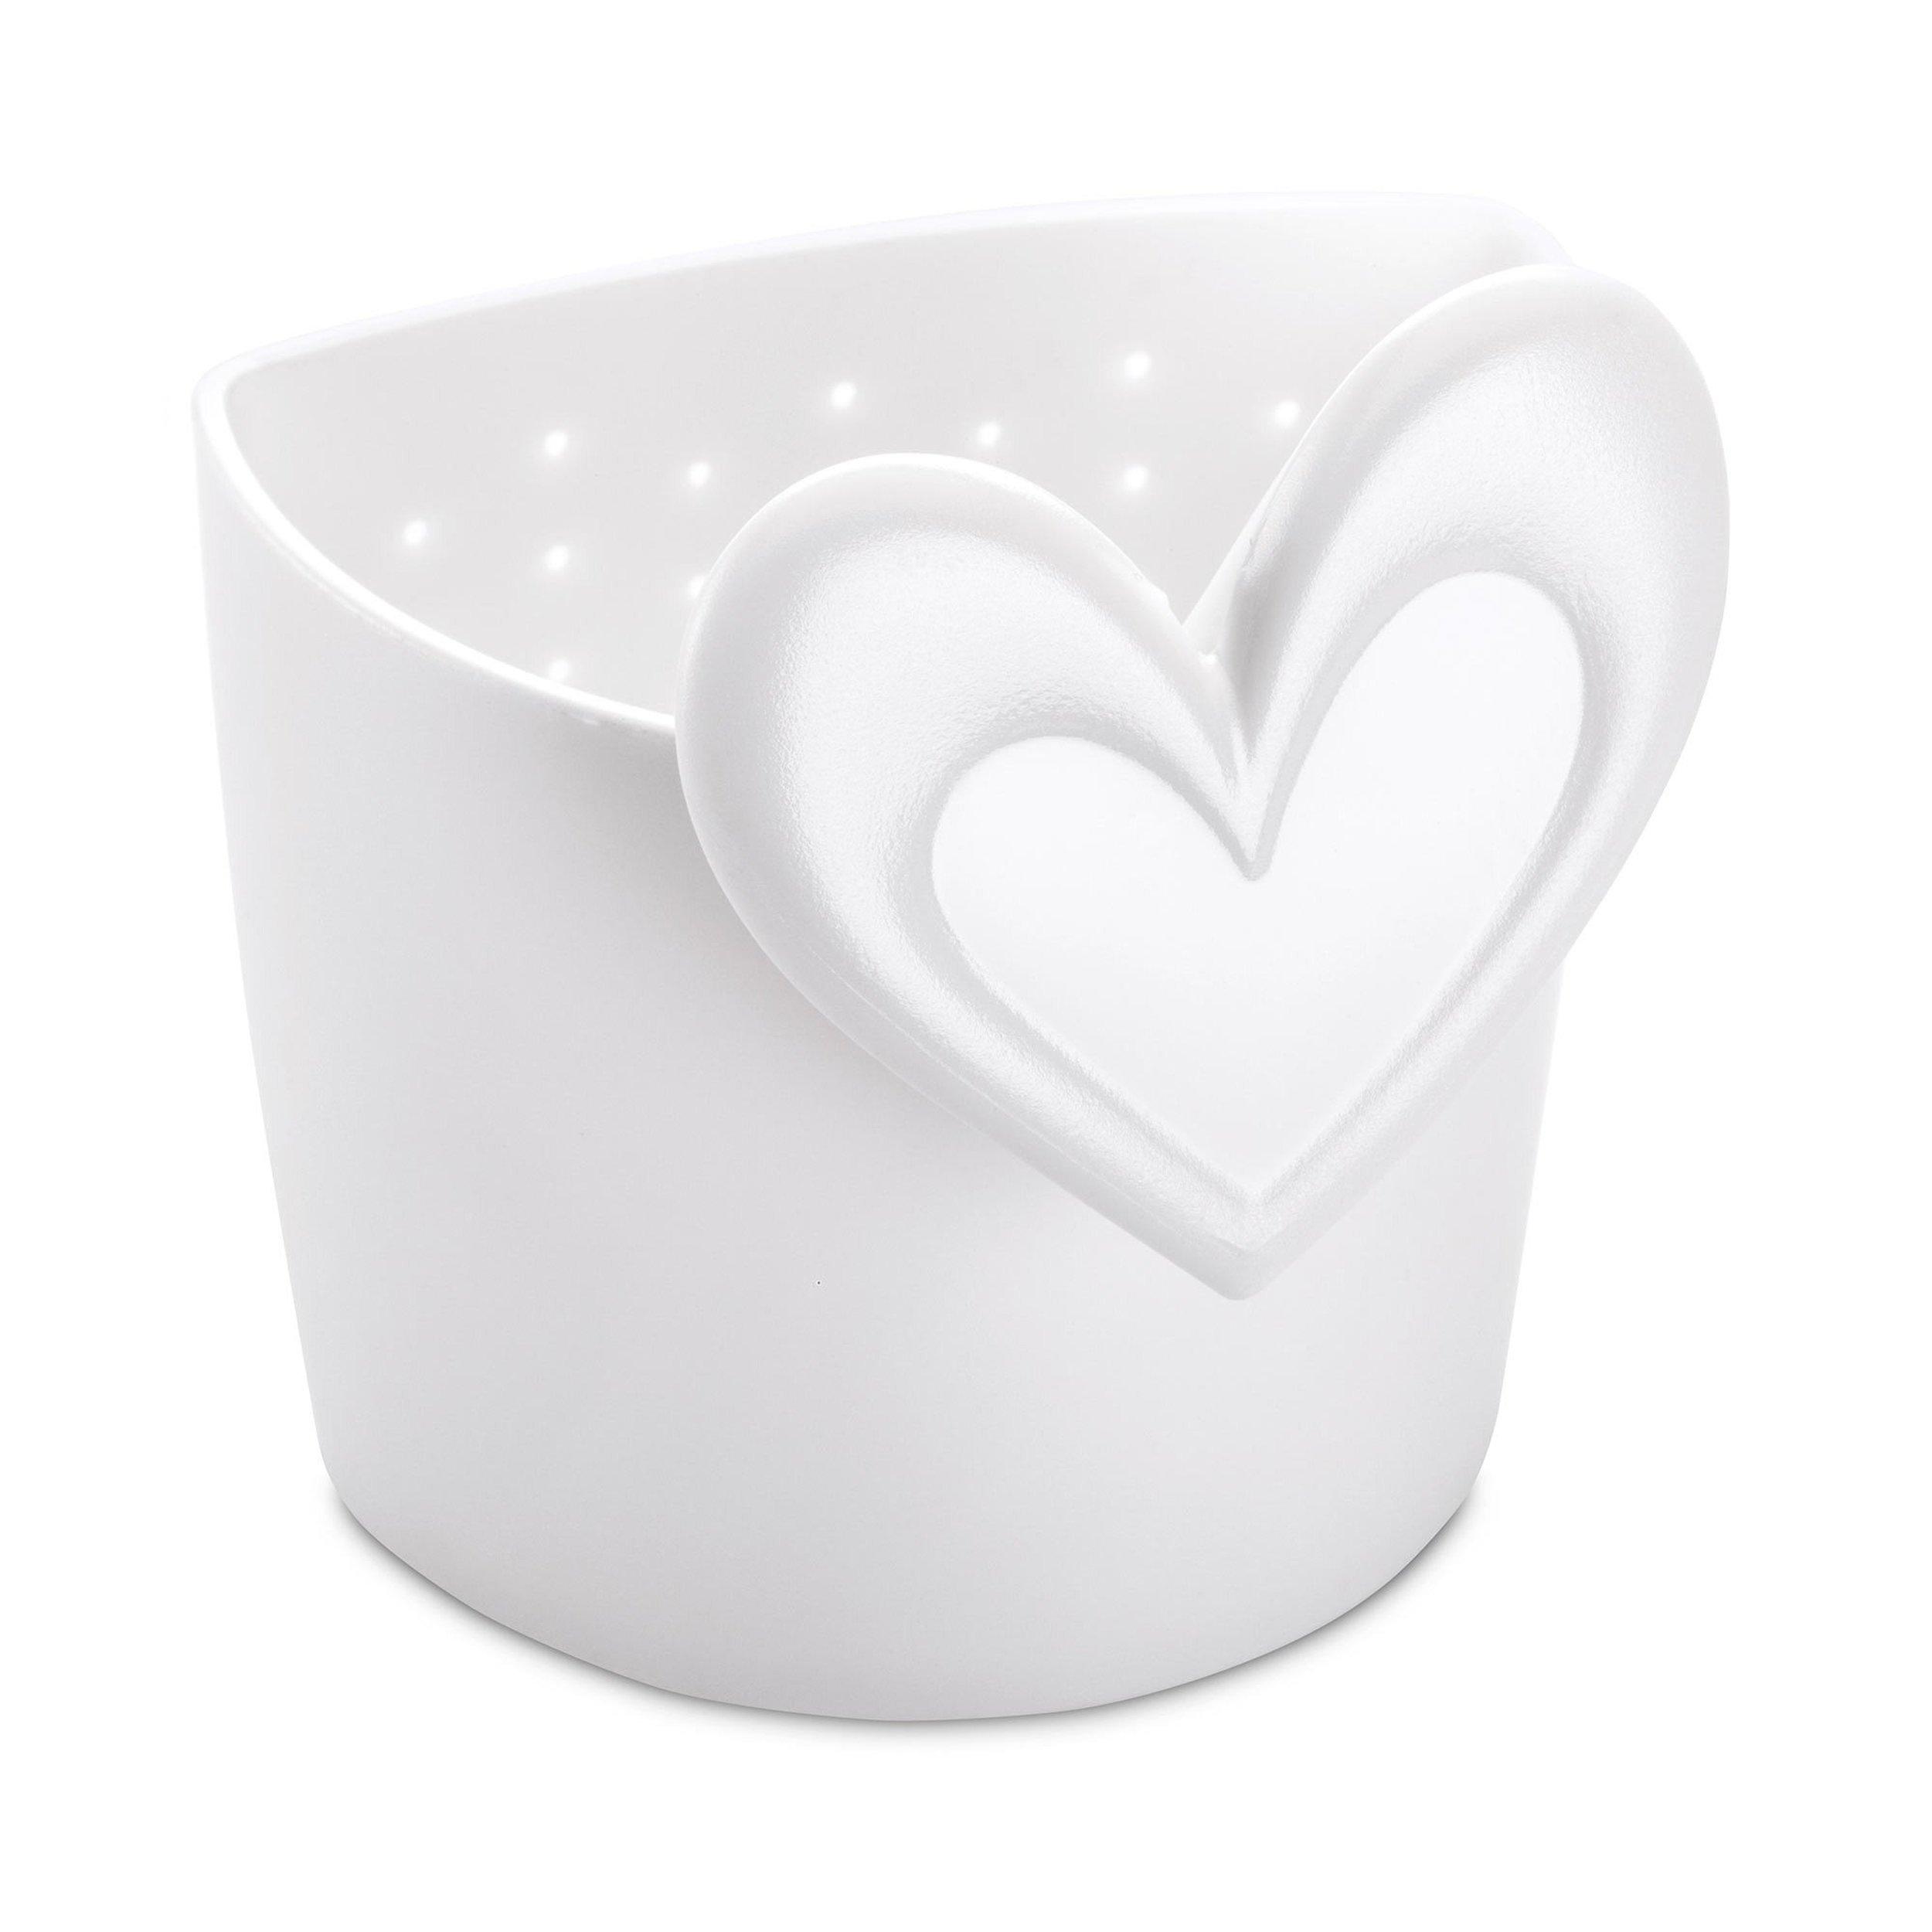 Zaparzaczka do herbaty Susi biała